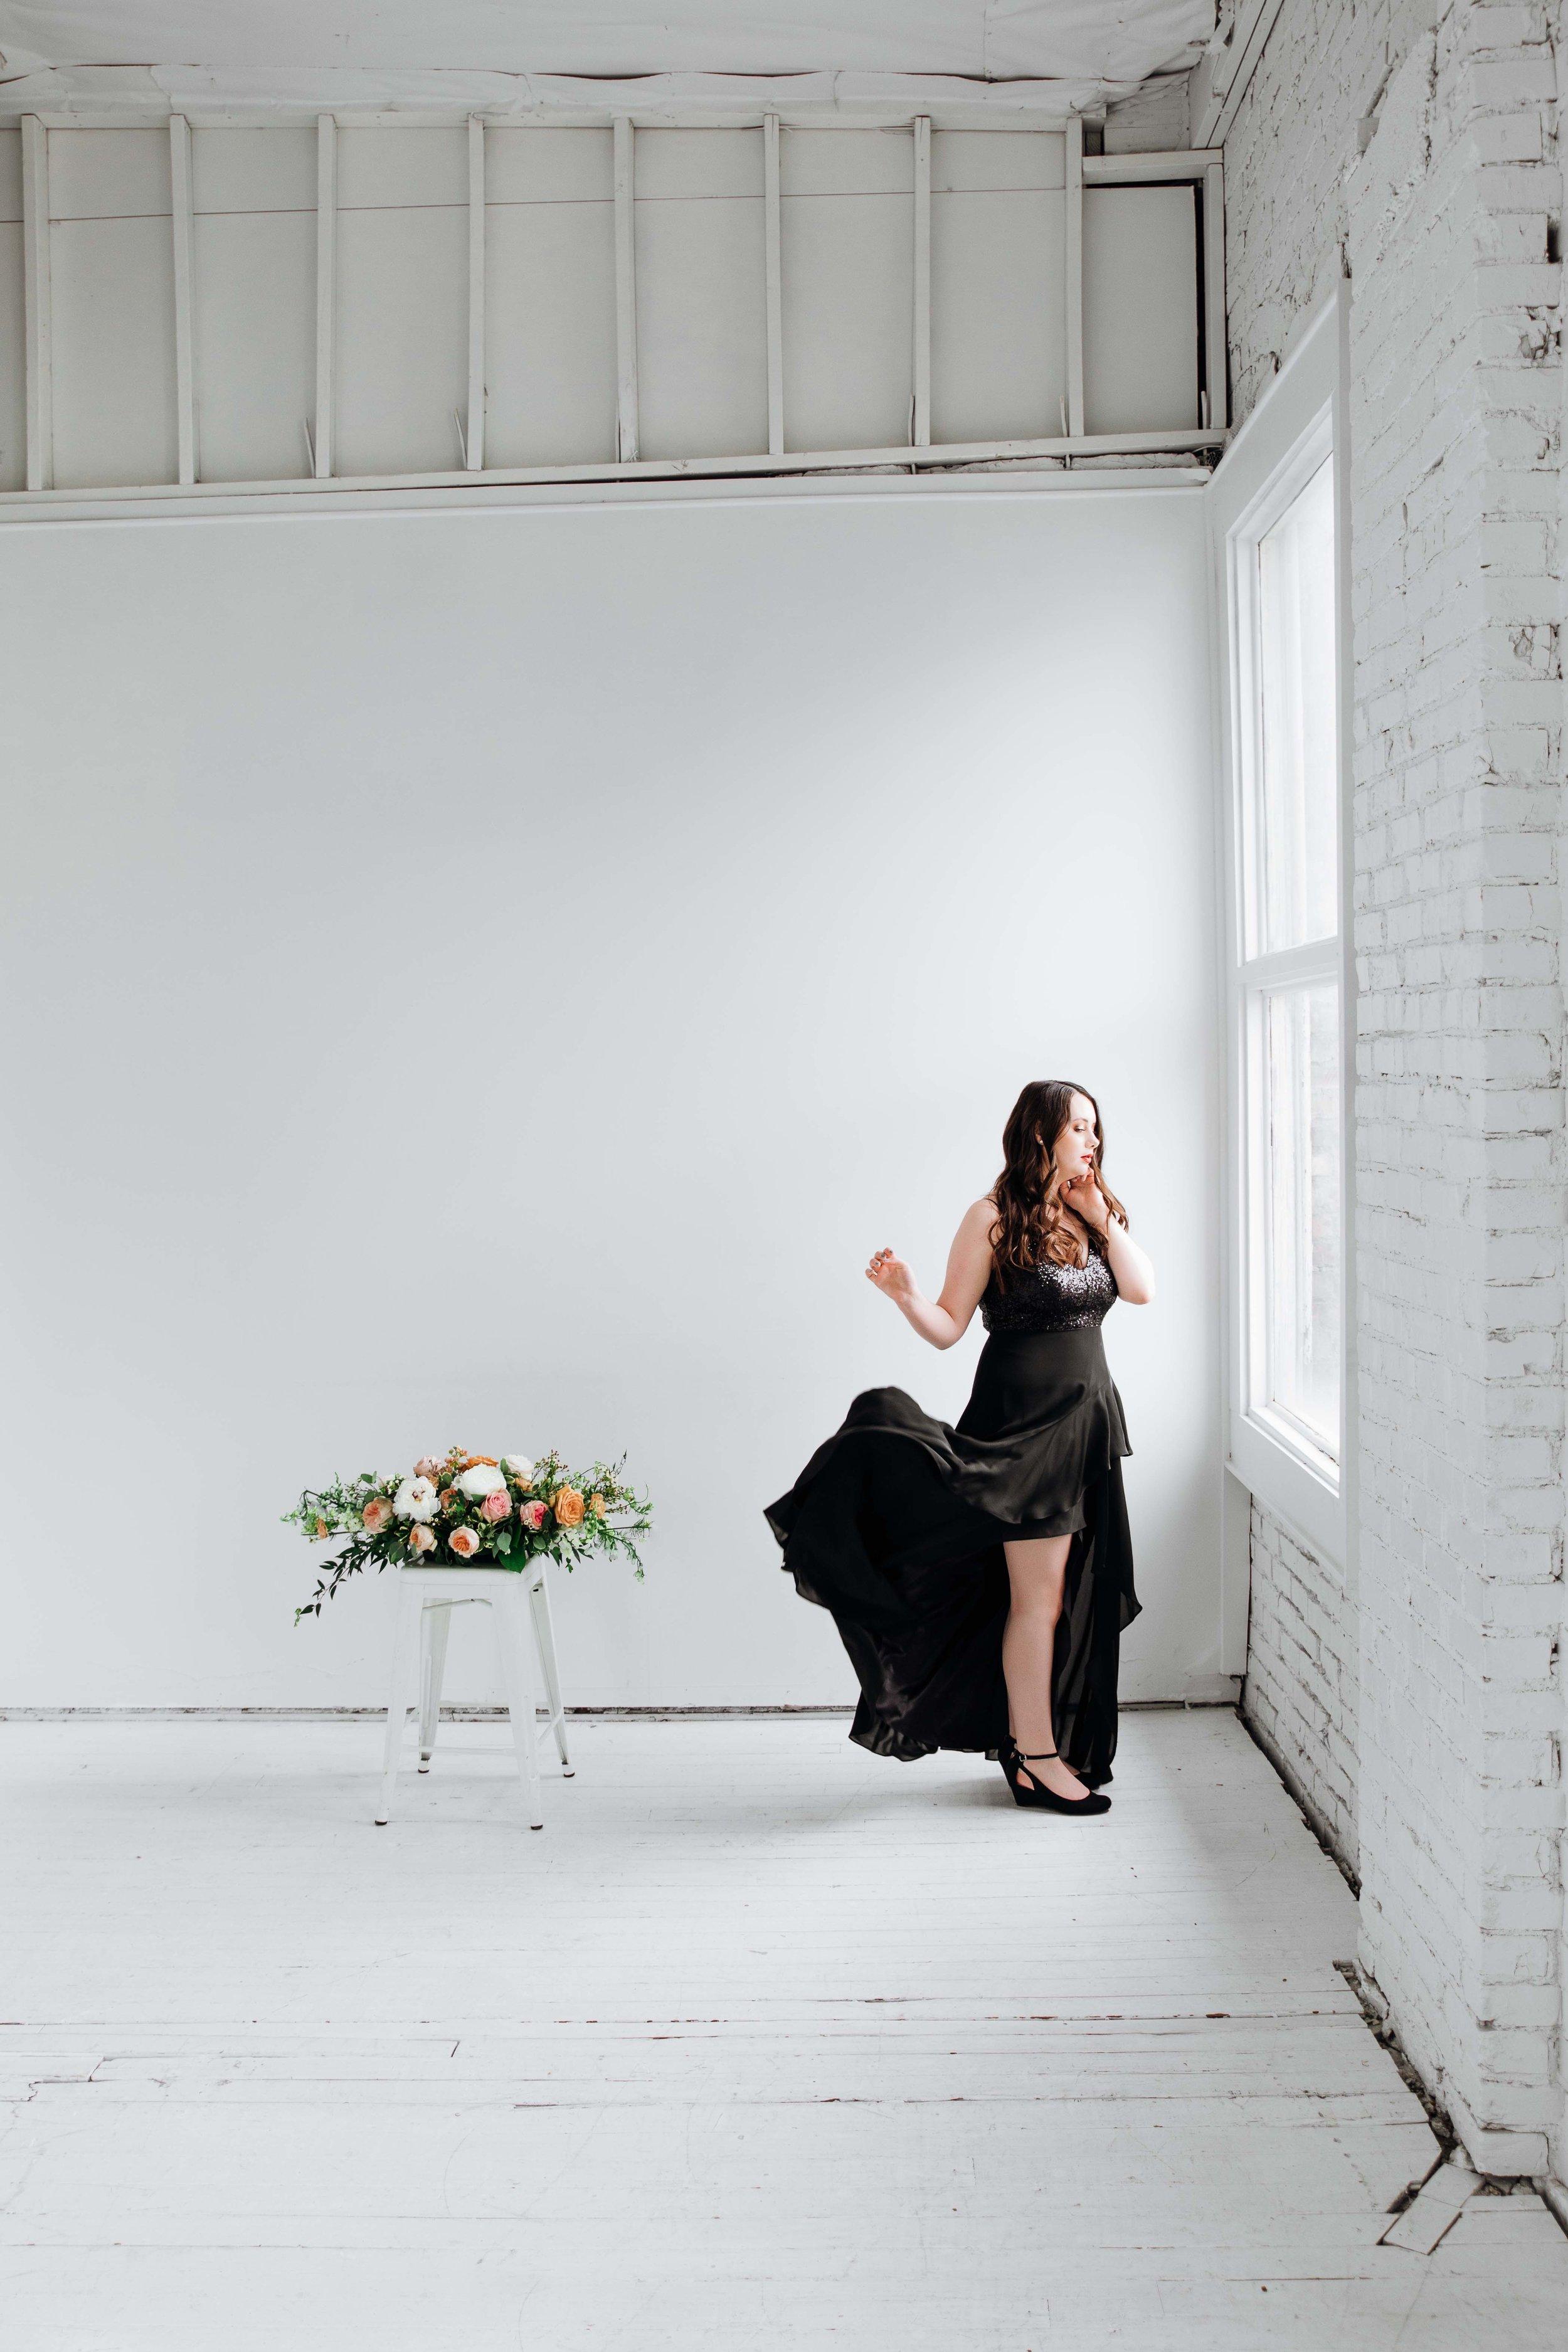 natural-light-studio-destination-wedding-portraits-utah-studio-noire-noir-michael-cozzens-31.jpg